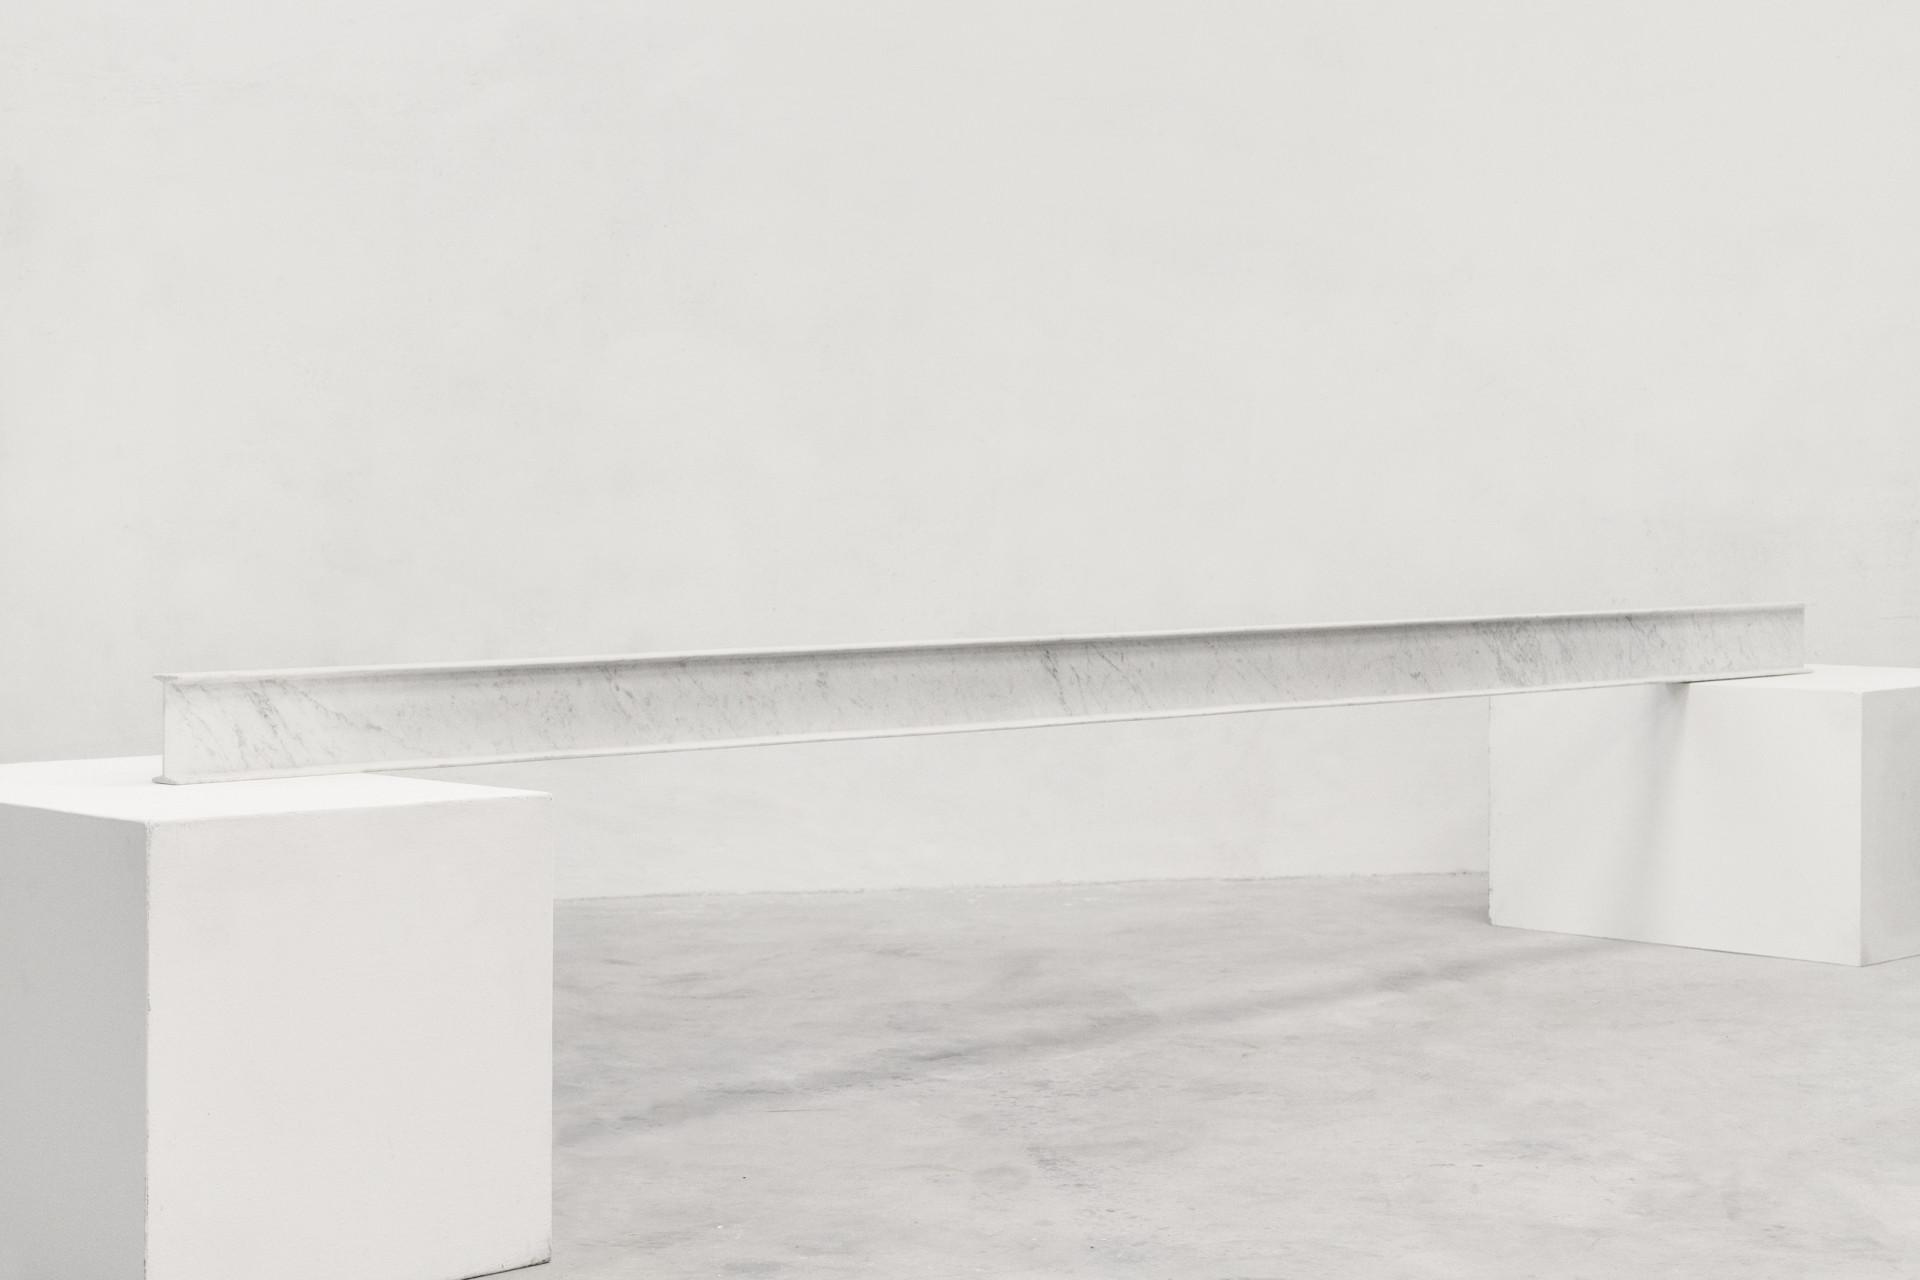 flat-line-2005-marmo-bianco-cm-16x400x7-8847